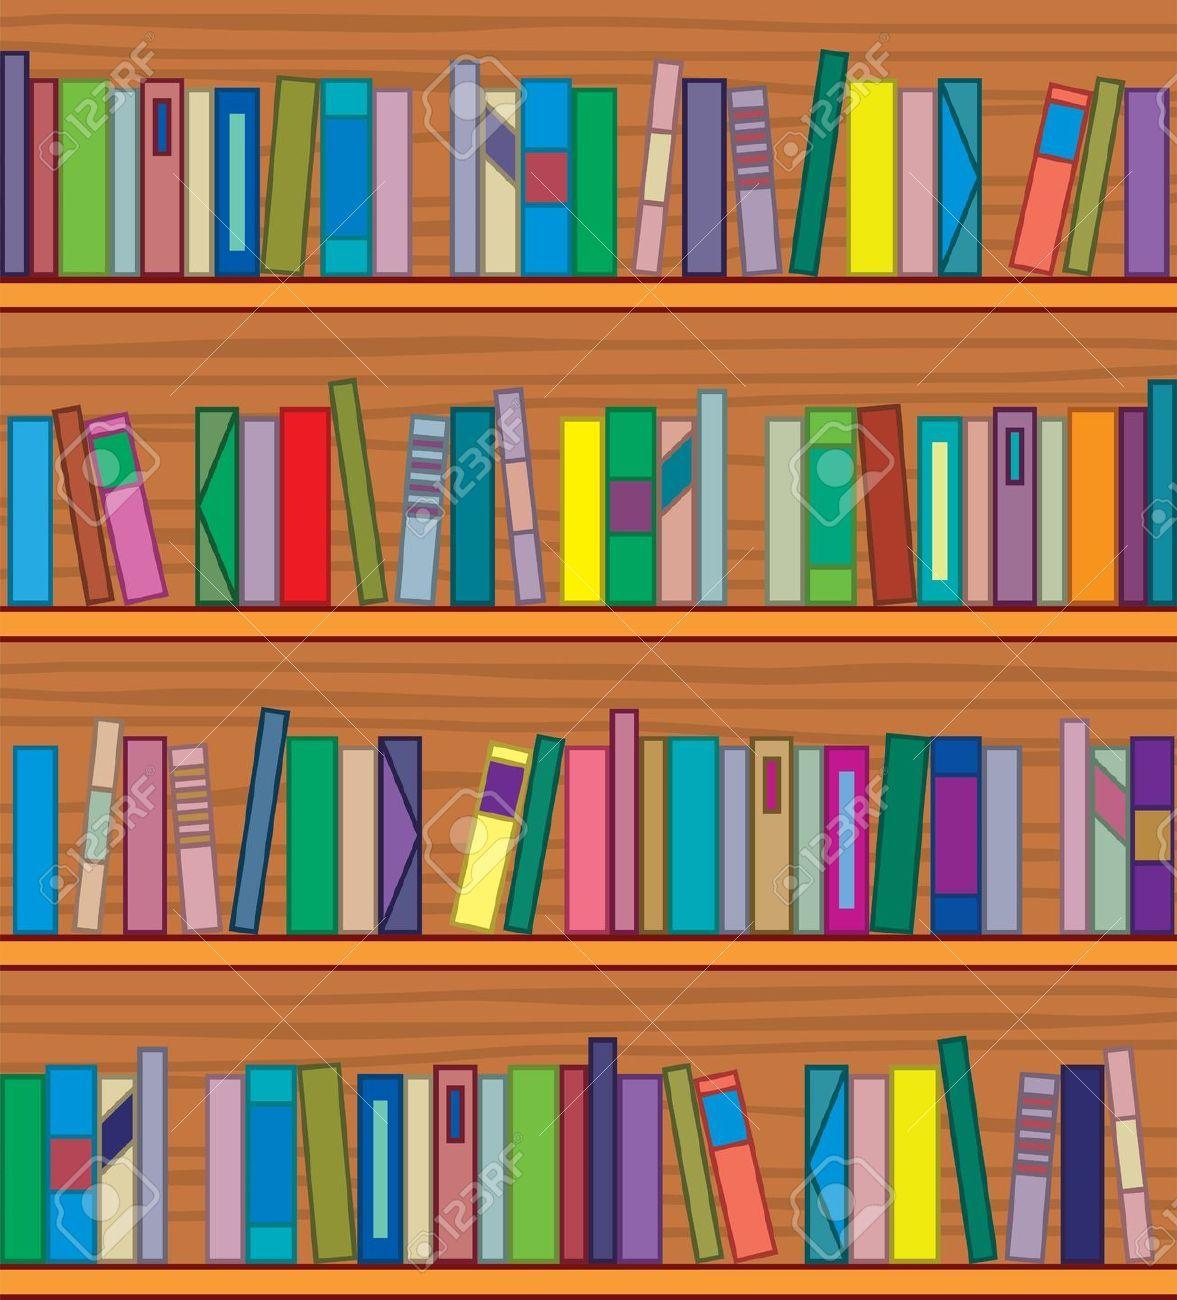 Library Clip Art Borders Free Clipart Images 3 Clip Art Book Clip Art Cartoon Clip Art